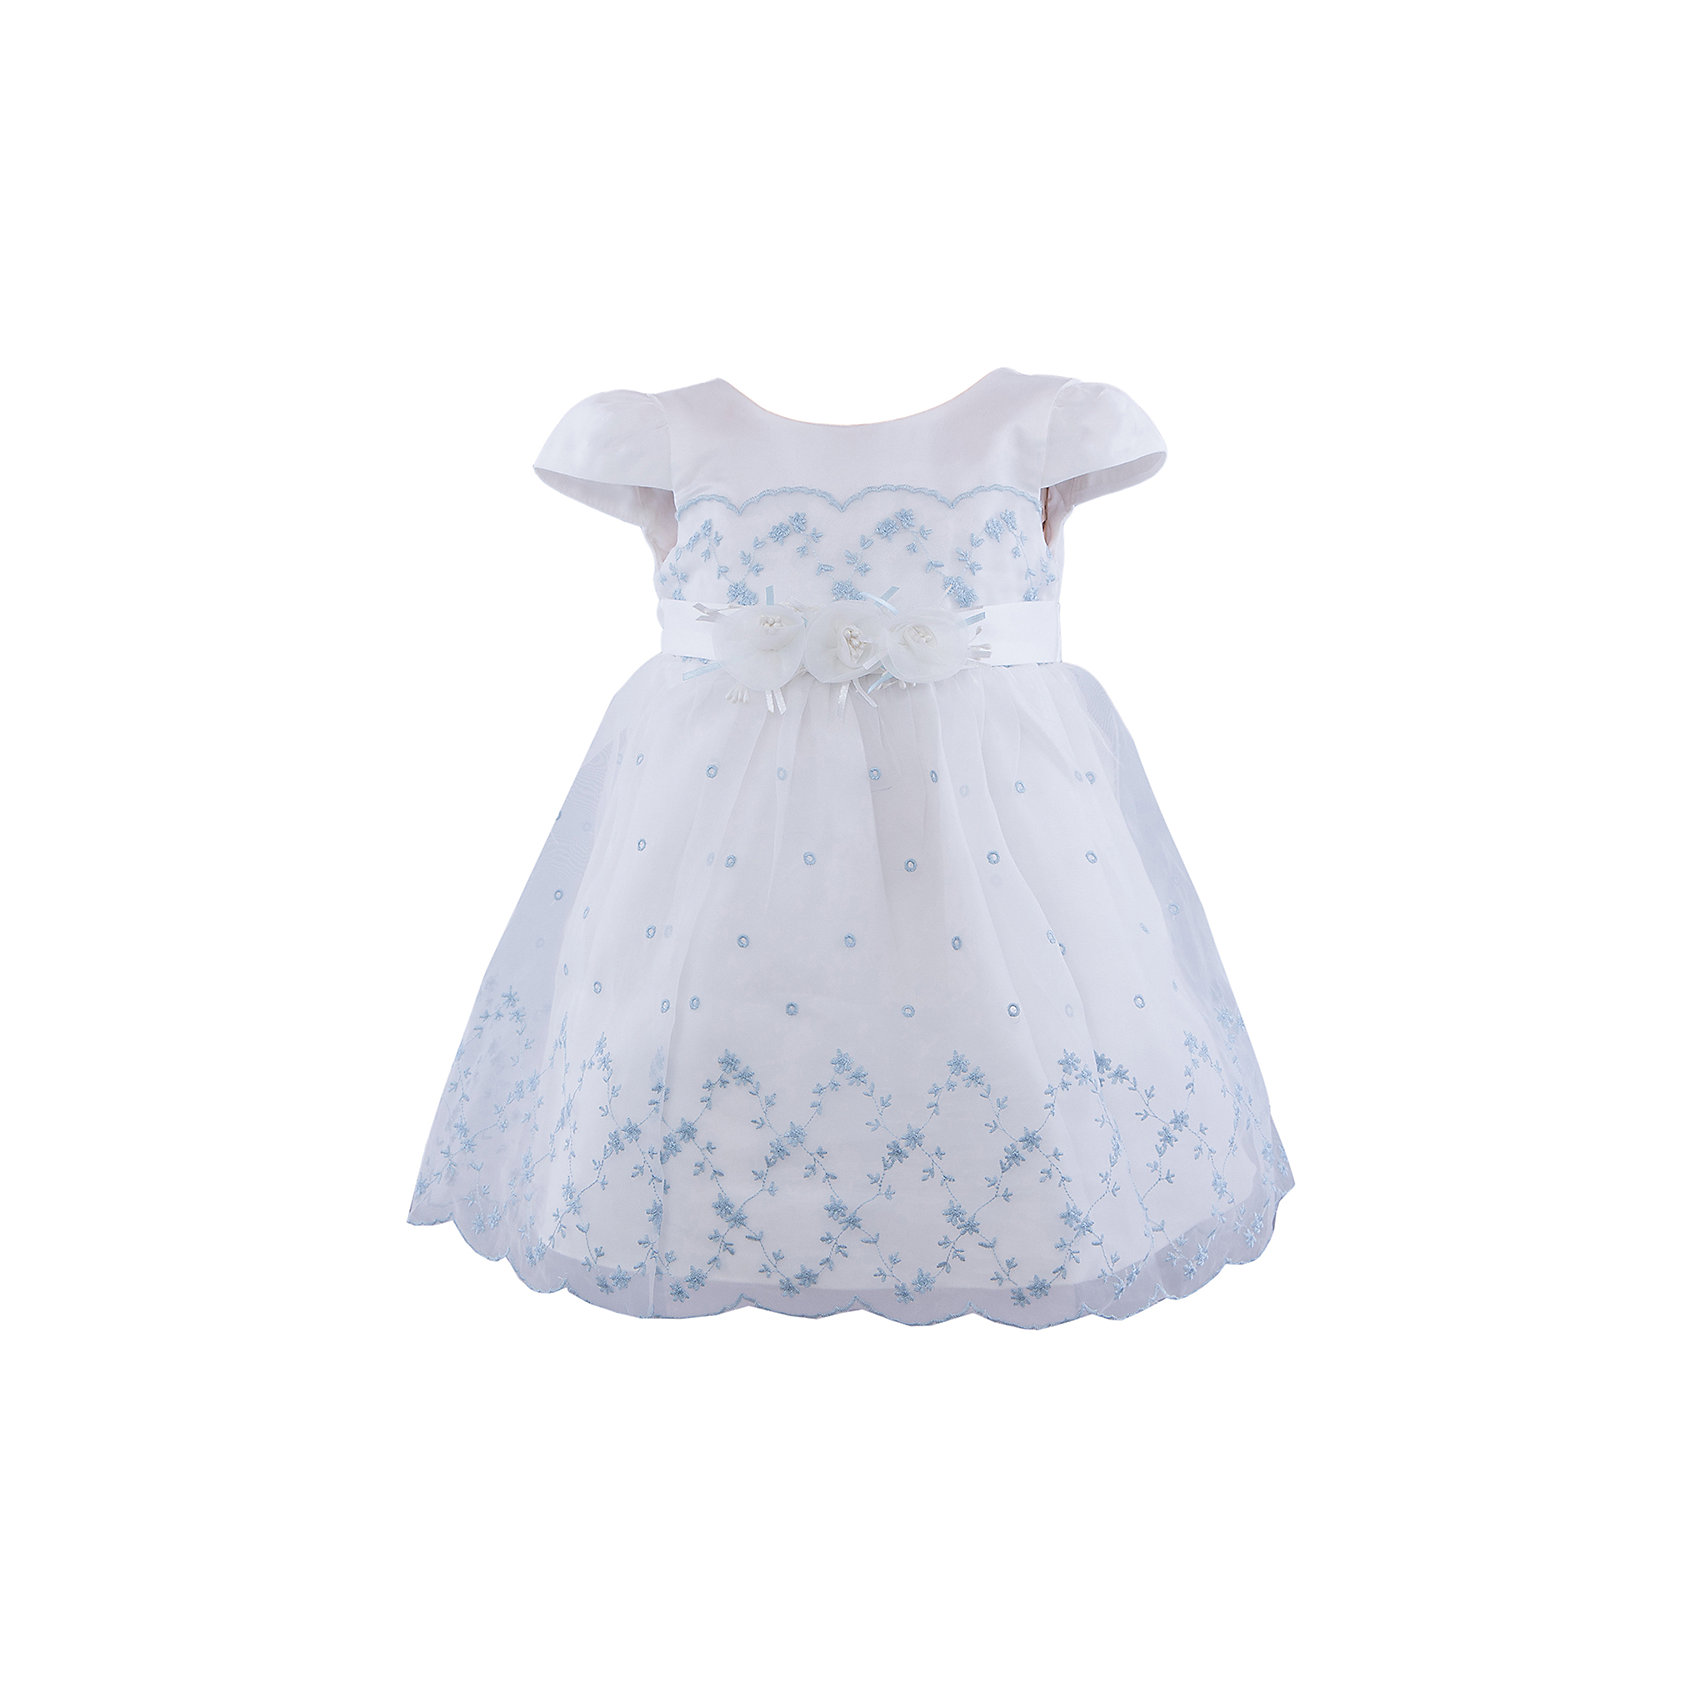 Нарядное платье для девочки VitacciОдежда<br>Платье для девочки от известного бренда Vitacci.<br>Очаровательное платье для маленькой принцессы. Модель отрезная по линии талии,с застёжкой молнией на спинке.<br>Состав:<br>100% полиэстер<br><br>Ширина мм: 236<br>Глубина мм: 16<br>Высота мм: 184<br>Вес г: 177<br>Цвет: белый светло-голубой<br>Возраст от месяцев: 72<br>Возраст до месяцев: 84<br>Пол: Женский<br>Возраст: Детский<br>Размер: 120,80,90,100,110<br>SKU: 4956103